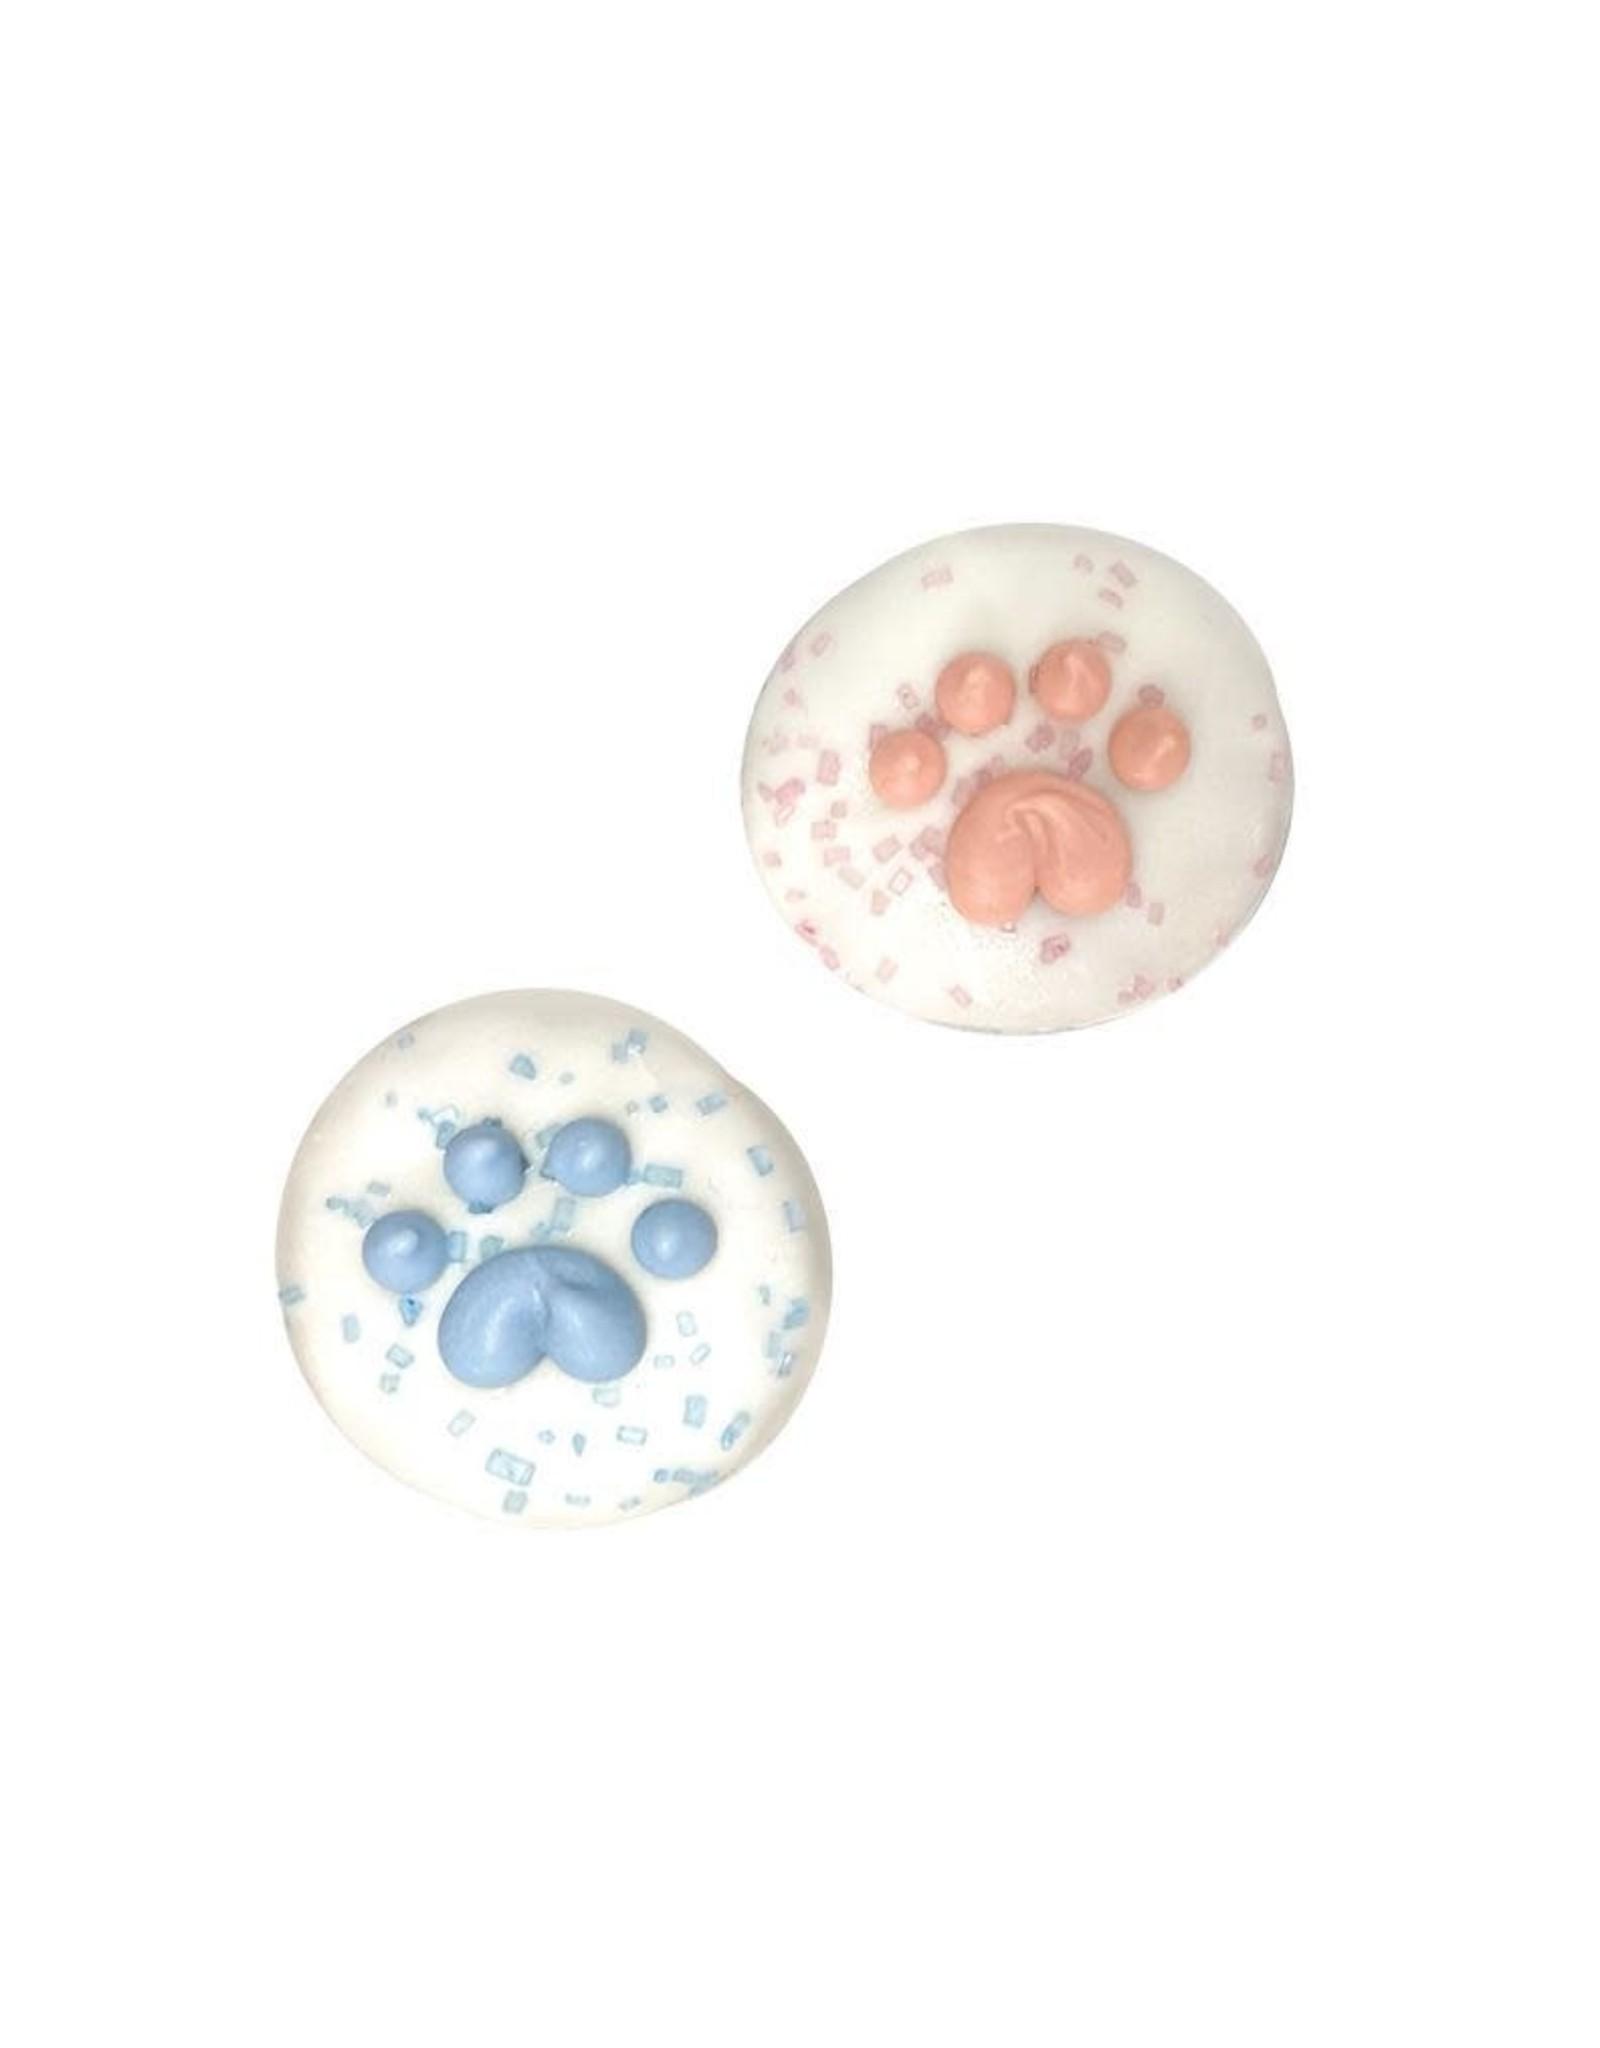 Bosco & Roxy's Bosco & Roxy's - Tiny Circle Paws - Happy Barkday!